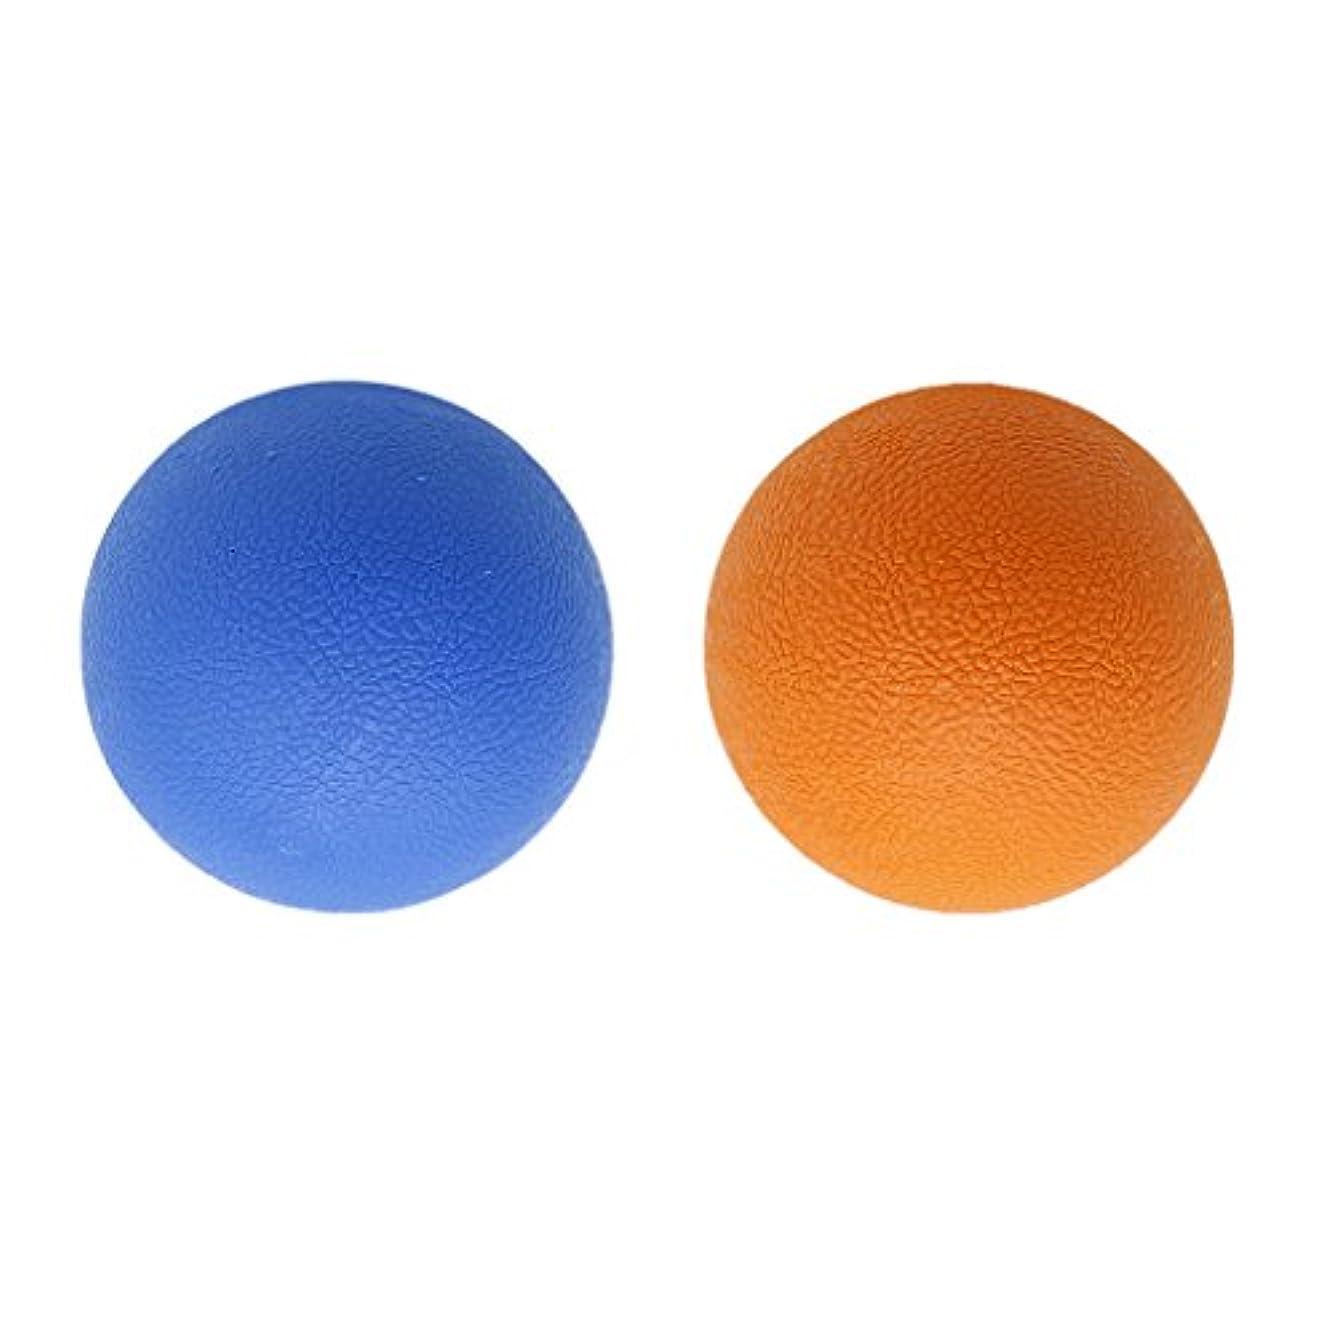 強度抑圧者費用Baoblaze 2個 マッサージボール ラクロスボール トリガ ポイントマッサージ 弾性TPE 多色選べる - オレンジブルー